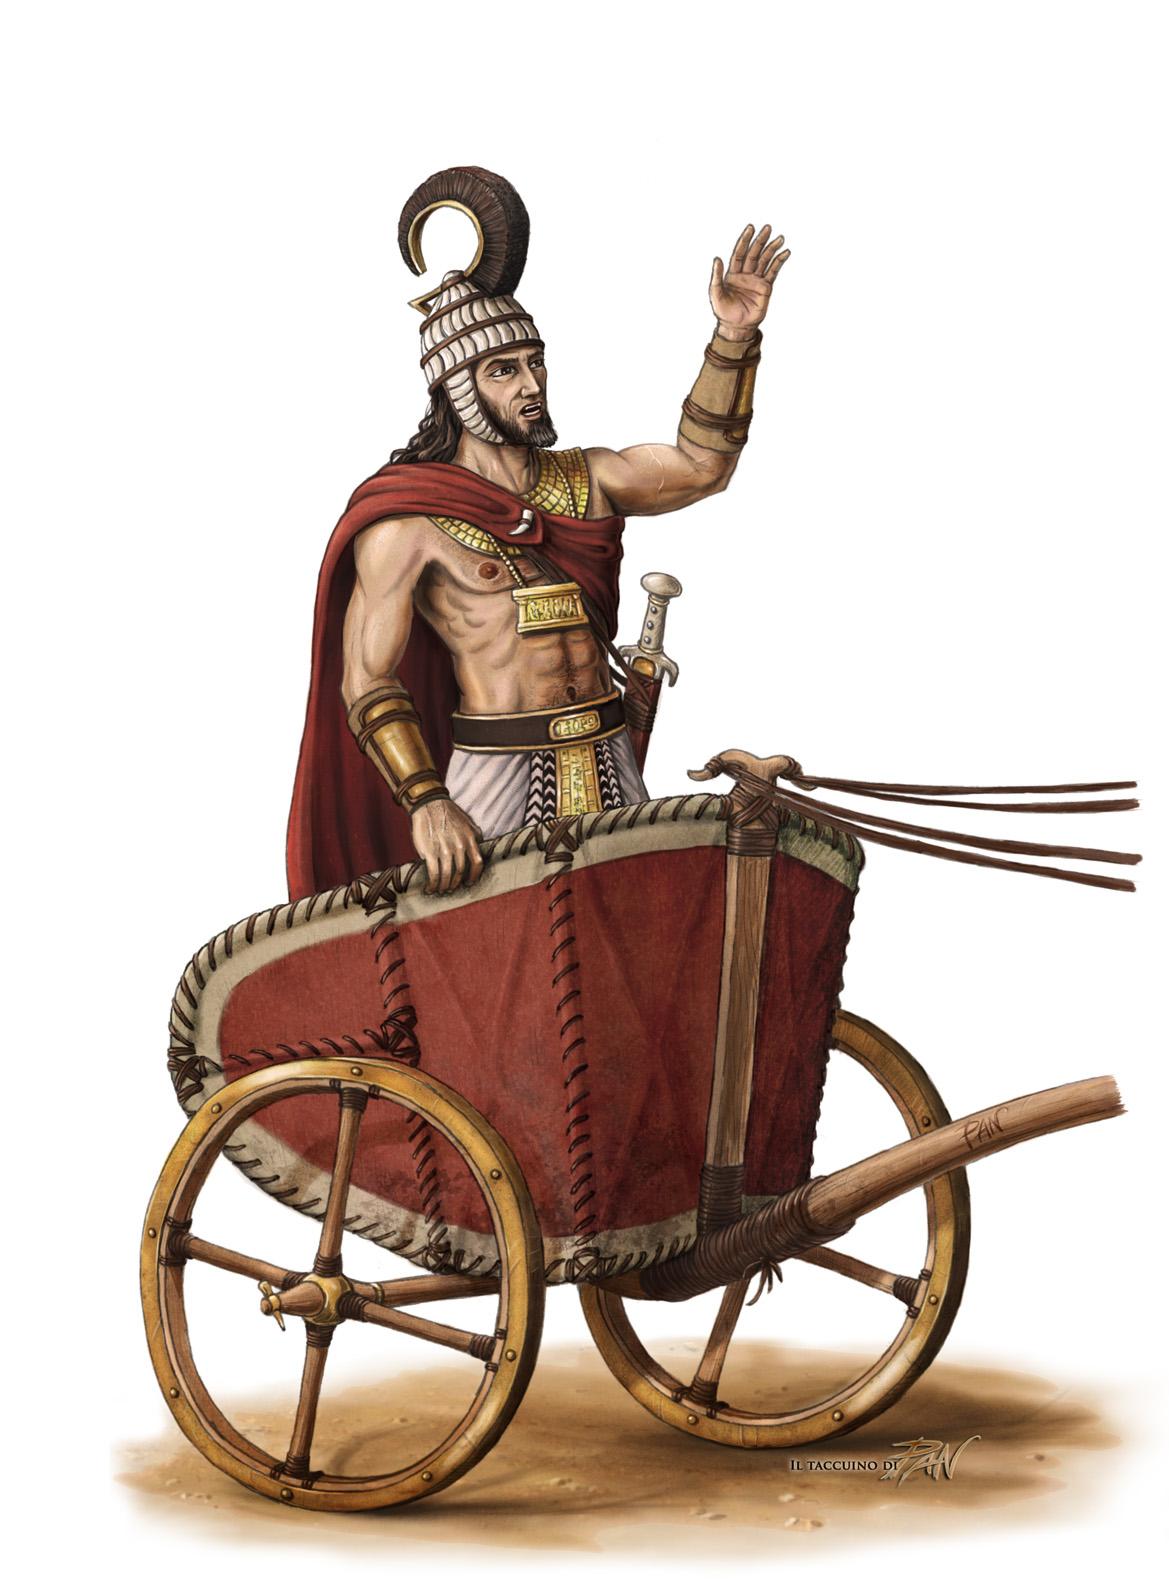 Menesteo, signore di Atene by Panaiotis